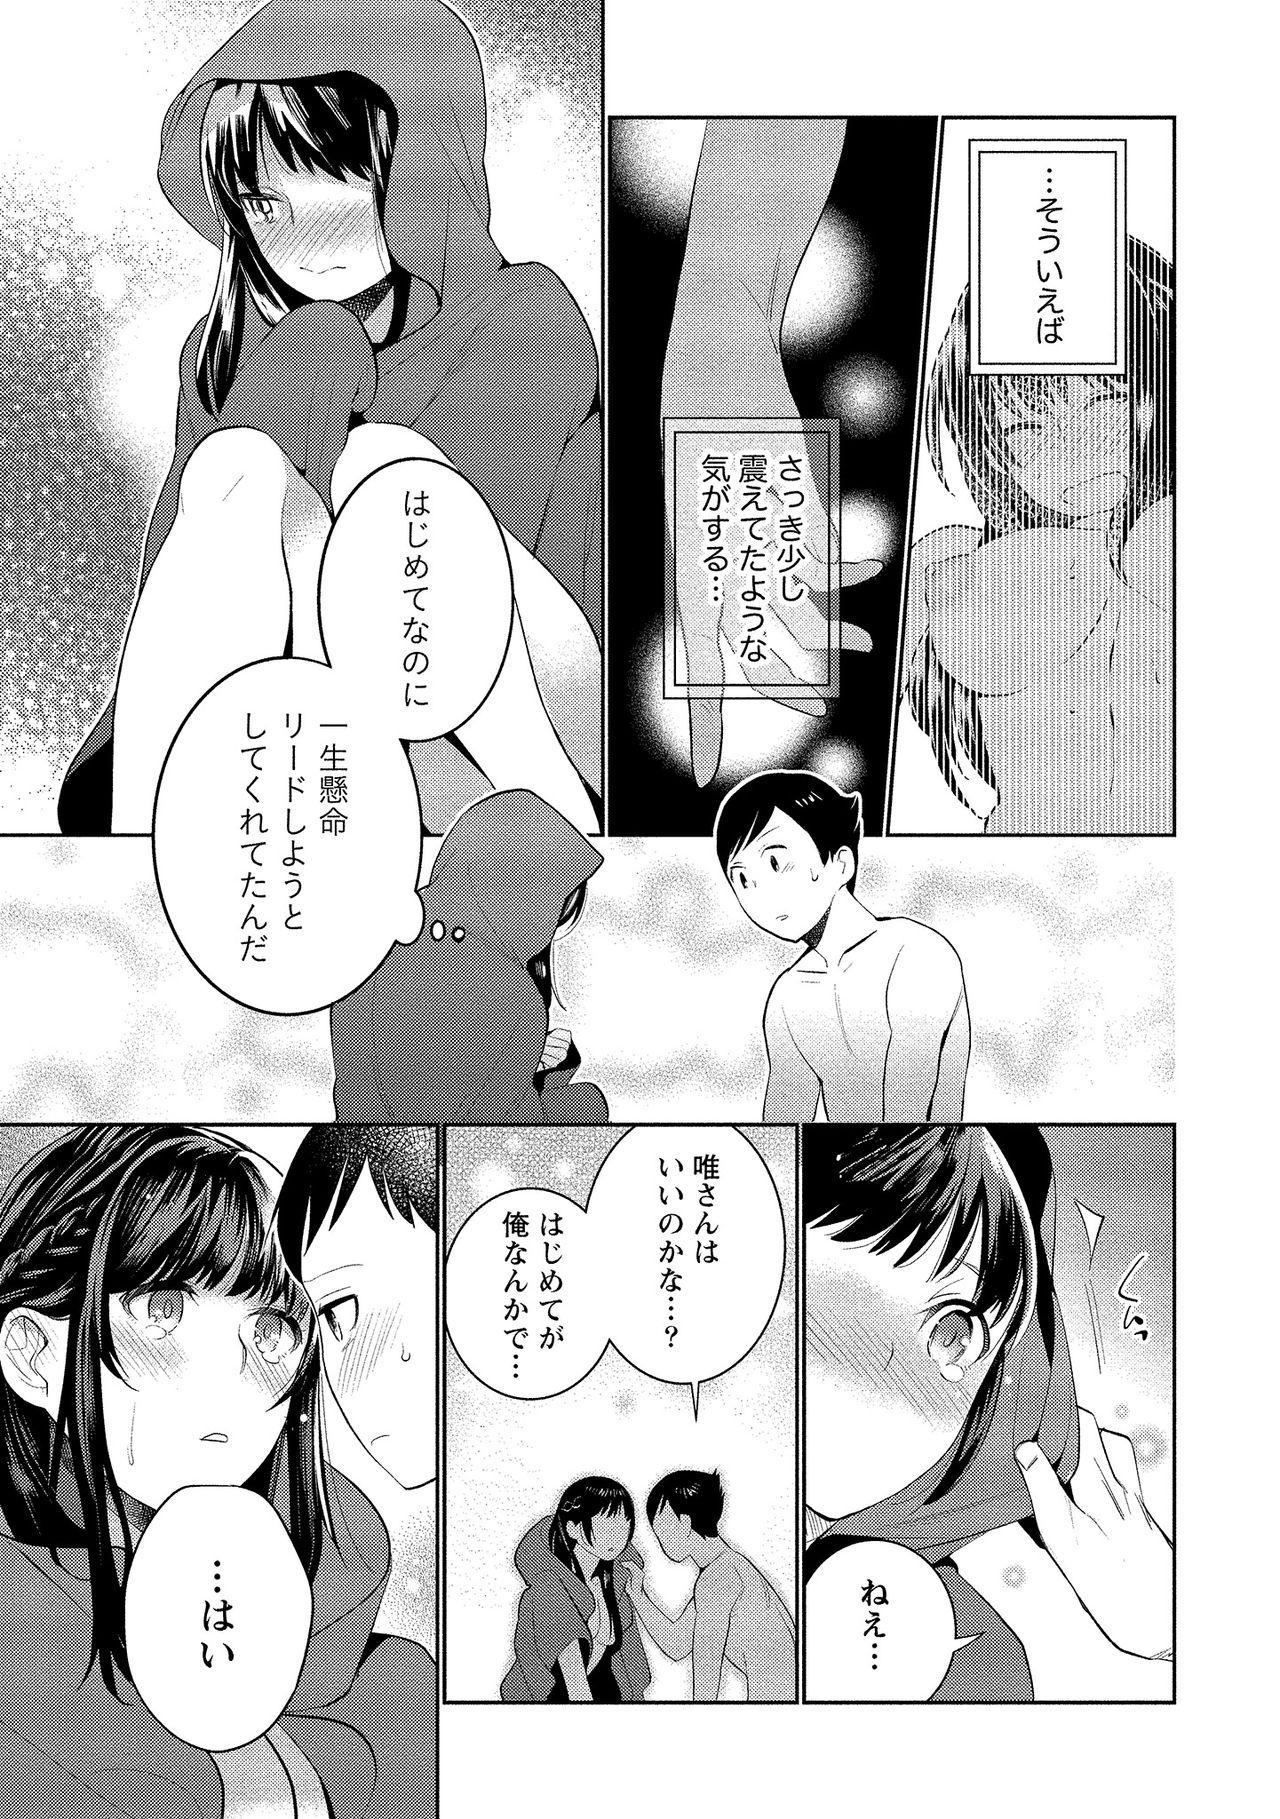 Dorobou Neko wa Kanojo no Hajimari 29